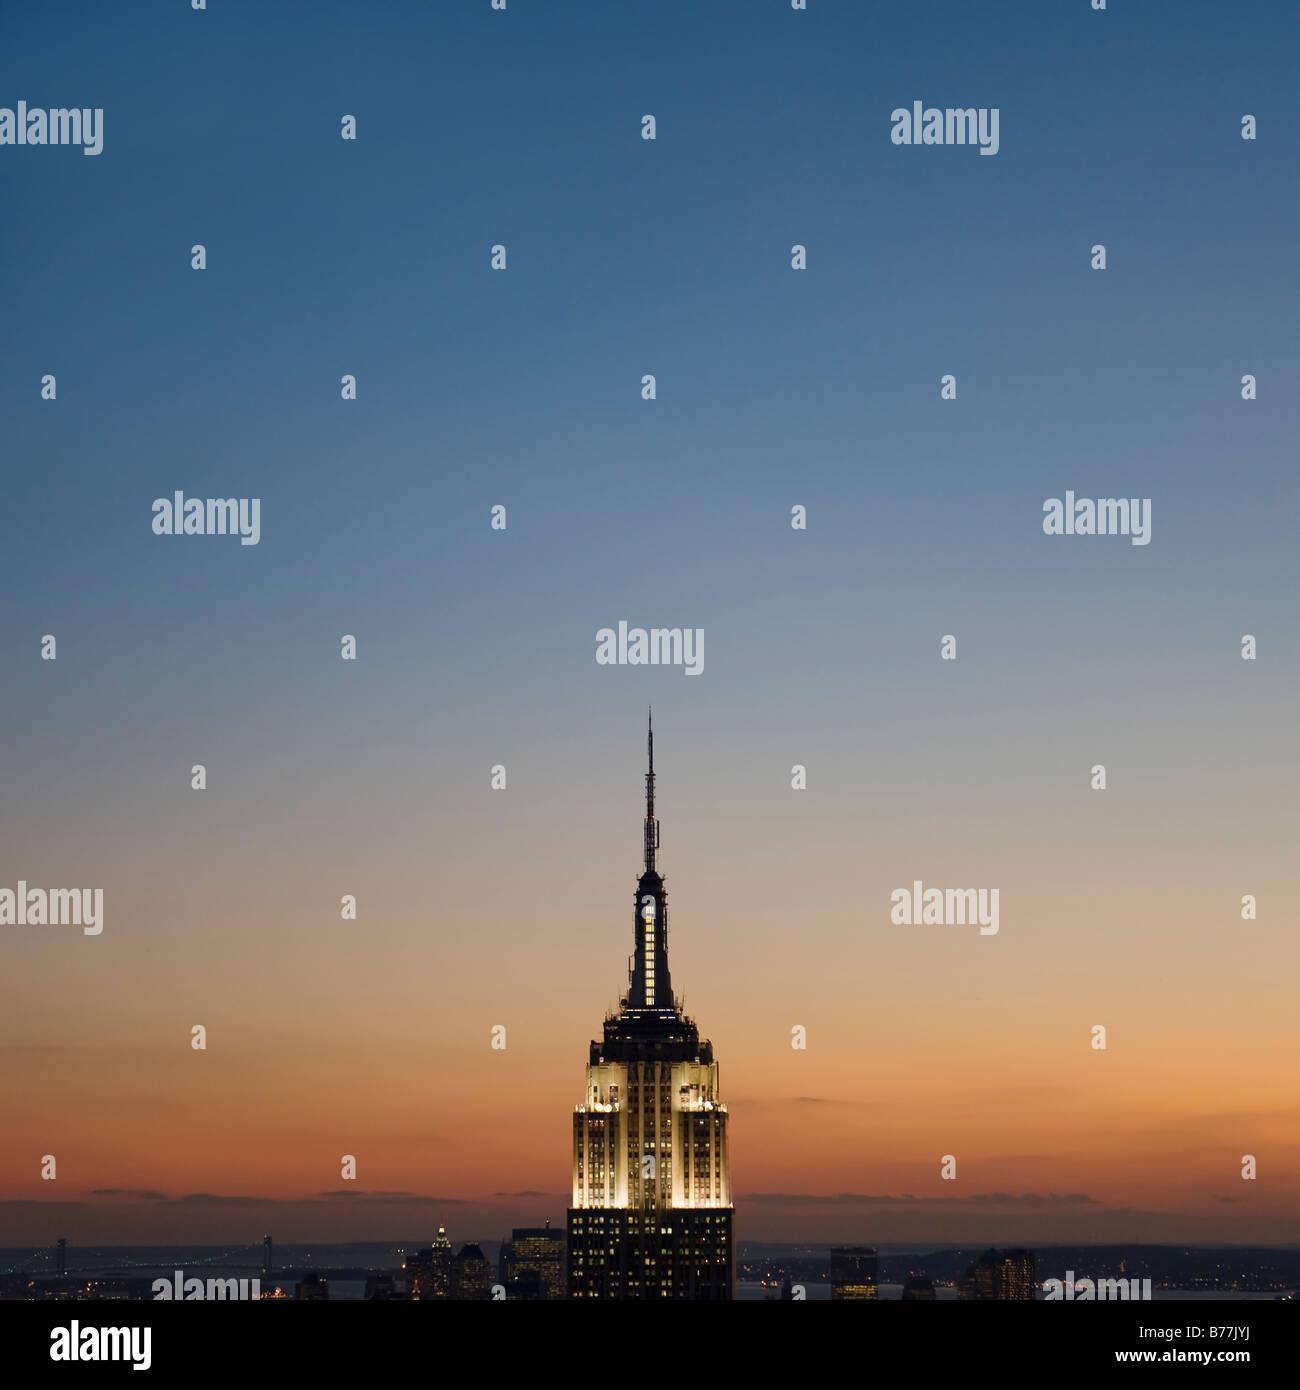 Vue du coucher de soleil de l'Empire State Building Banque D'Images